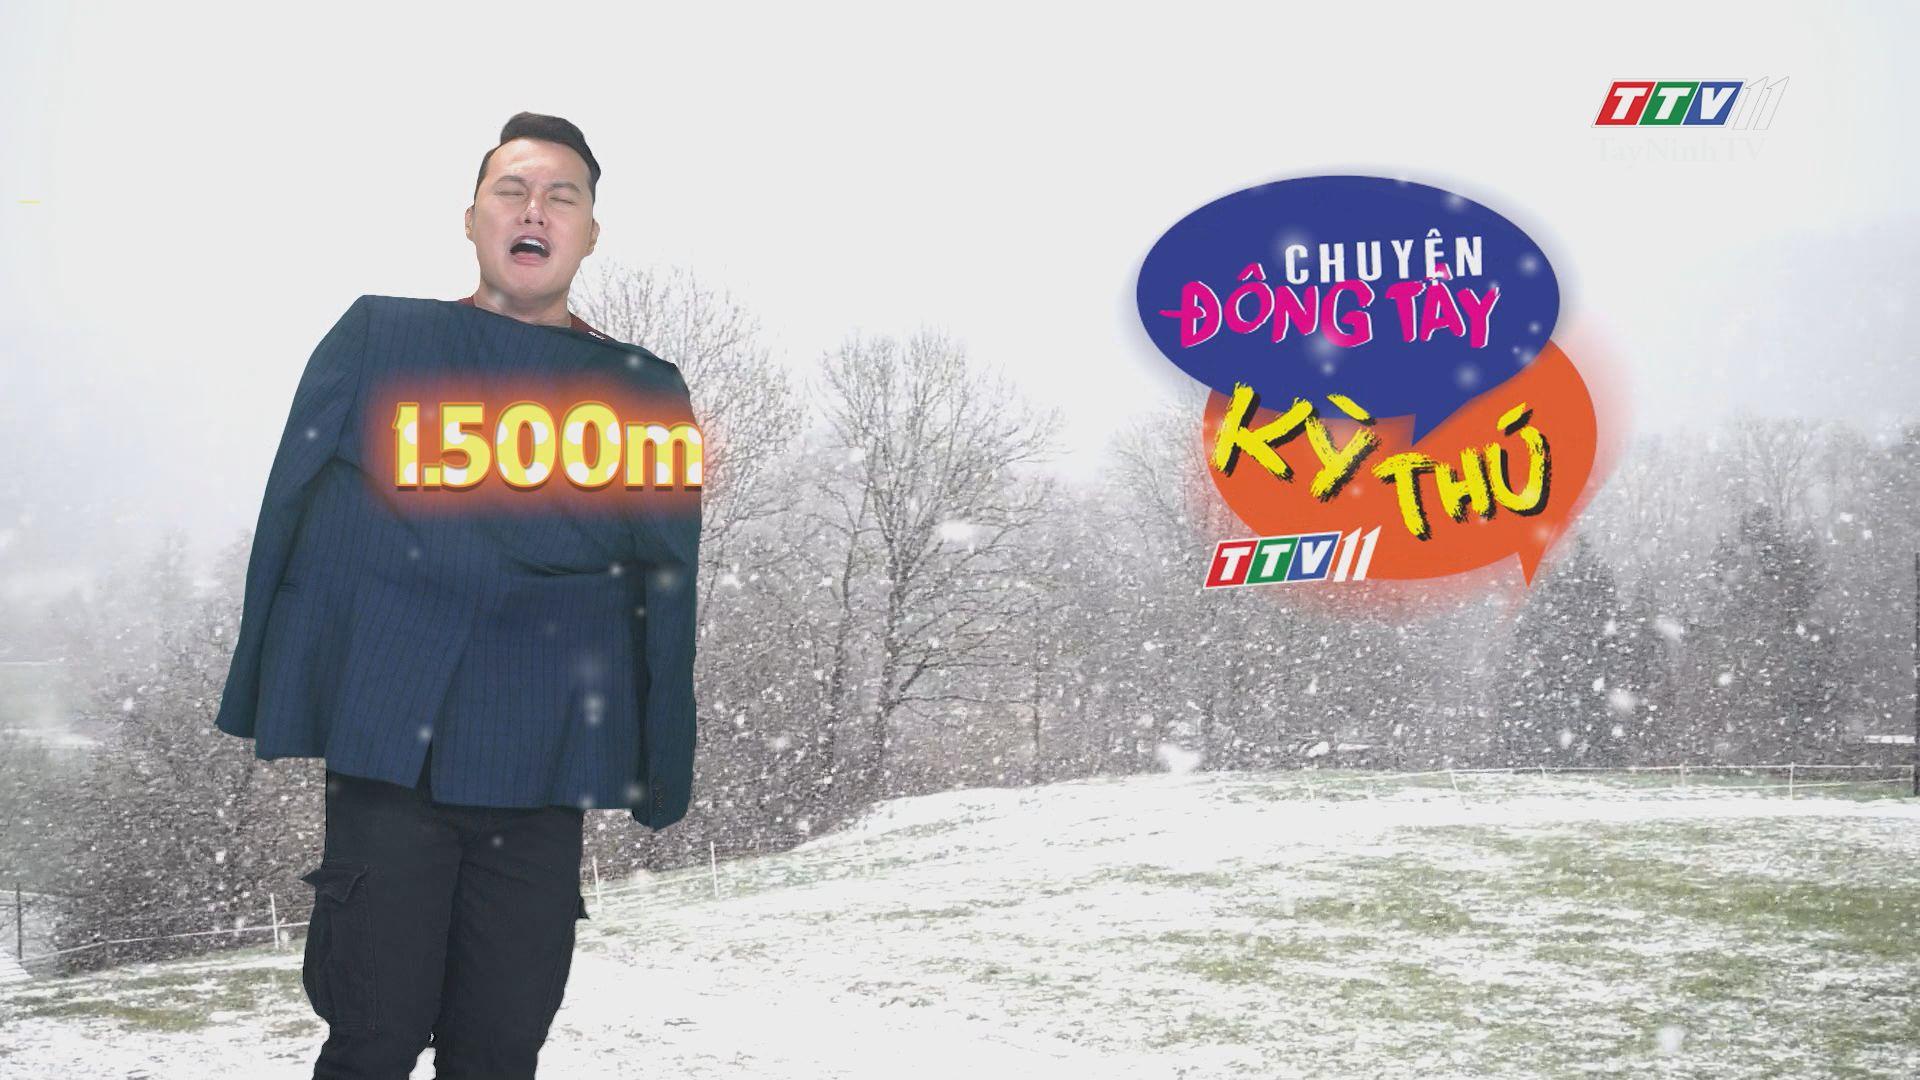 Chuyện Đông Tây Kỳ Thú 17-5-2020 | TayNinhTV